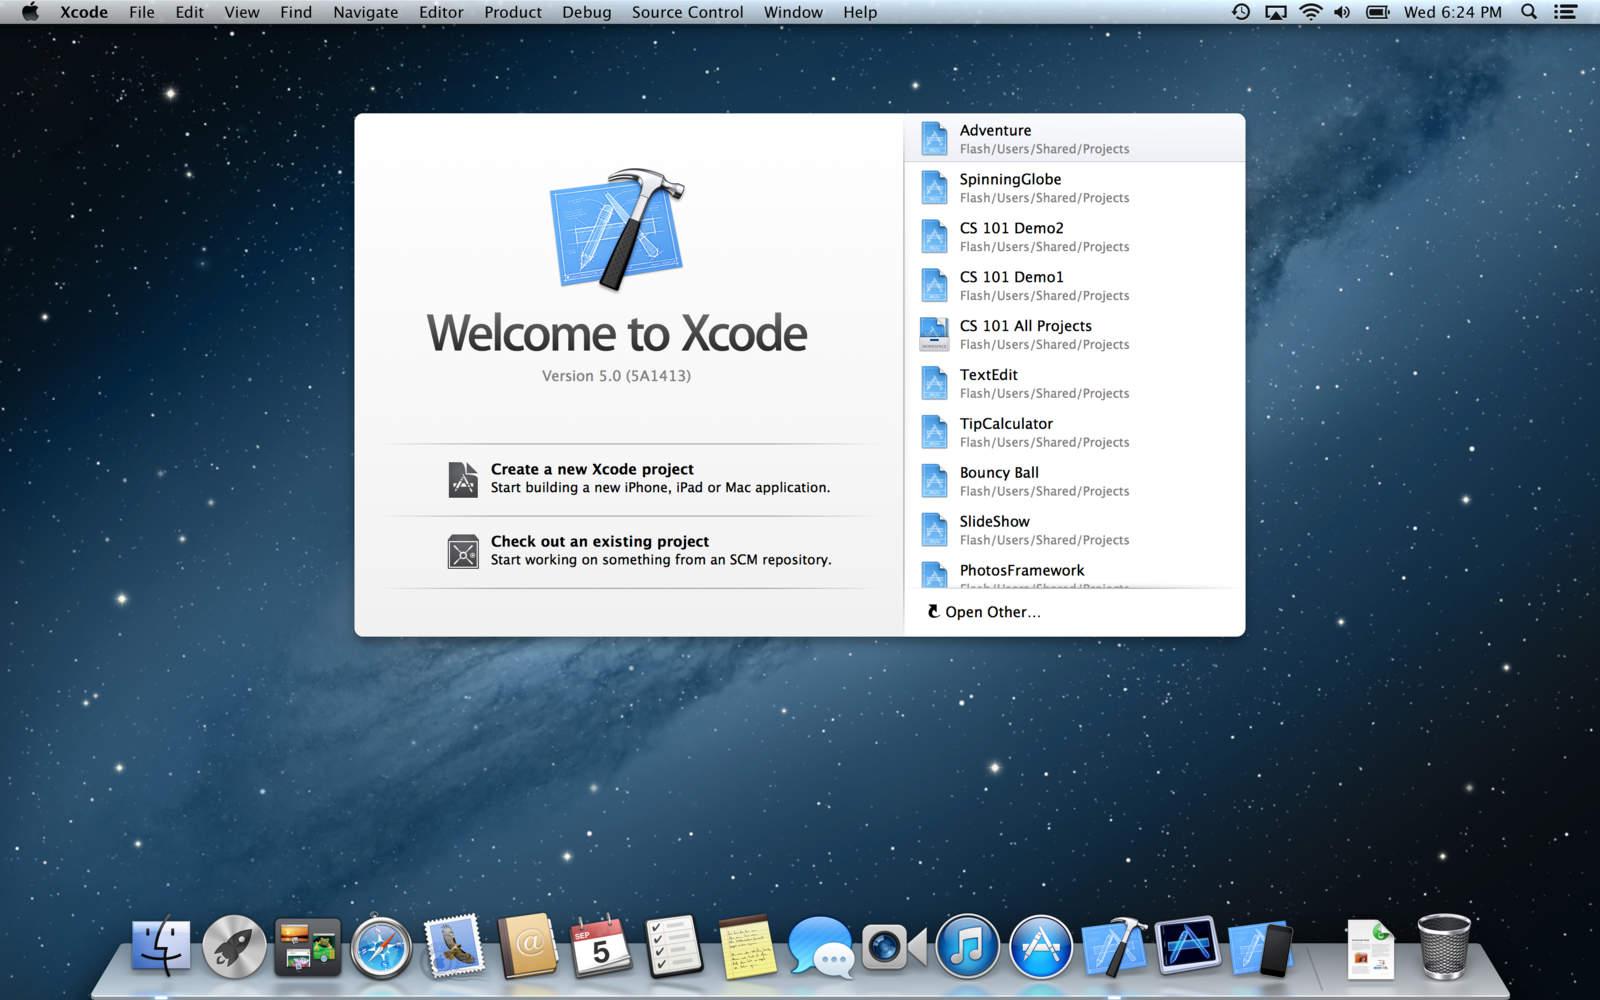 ↪ Versão final do Xcode 5 está agora disponível para download na